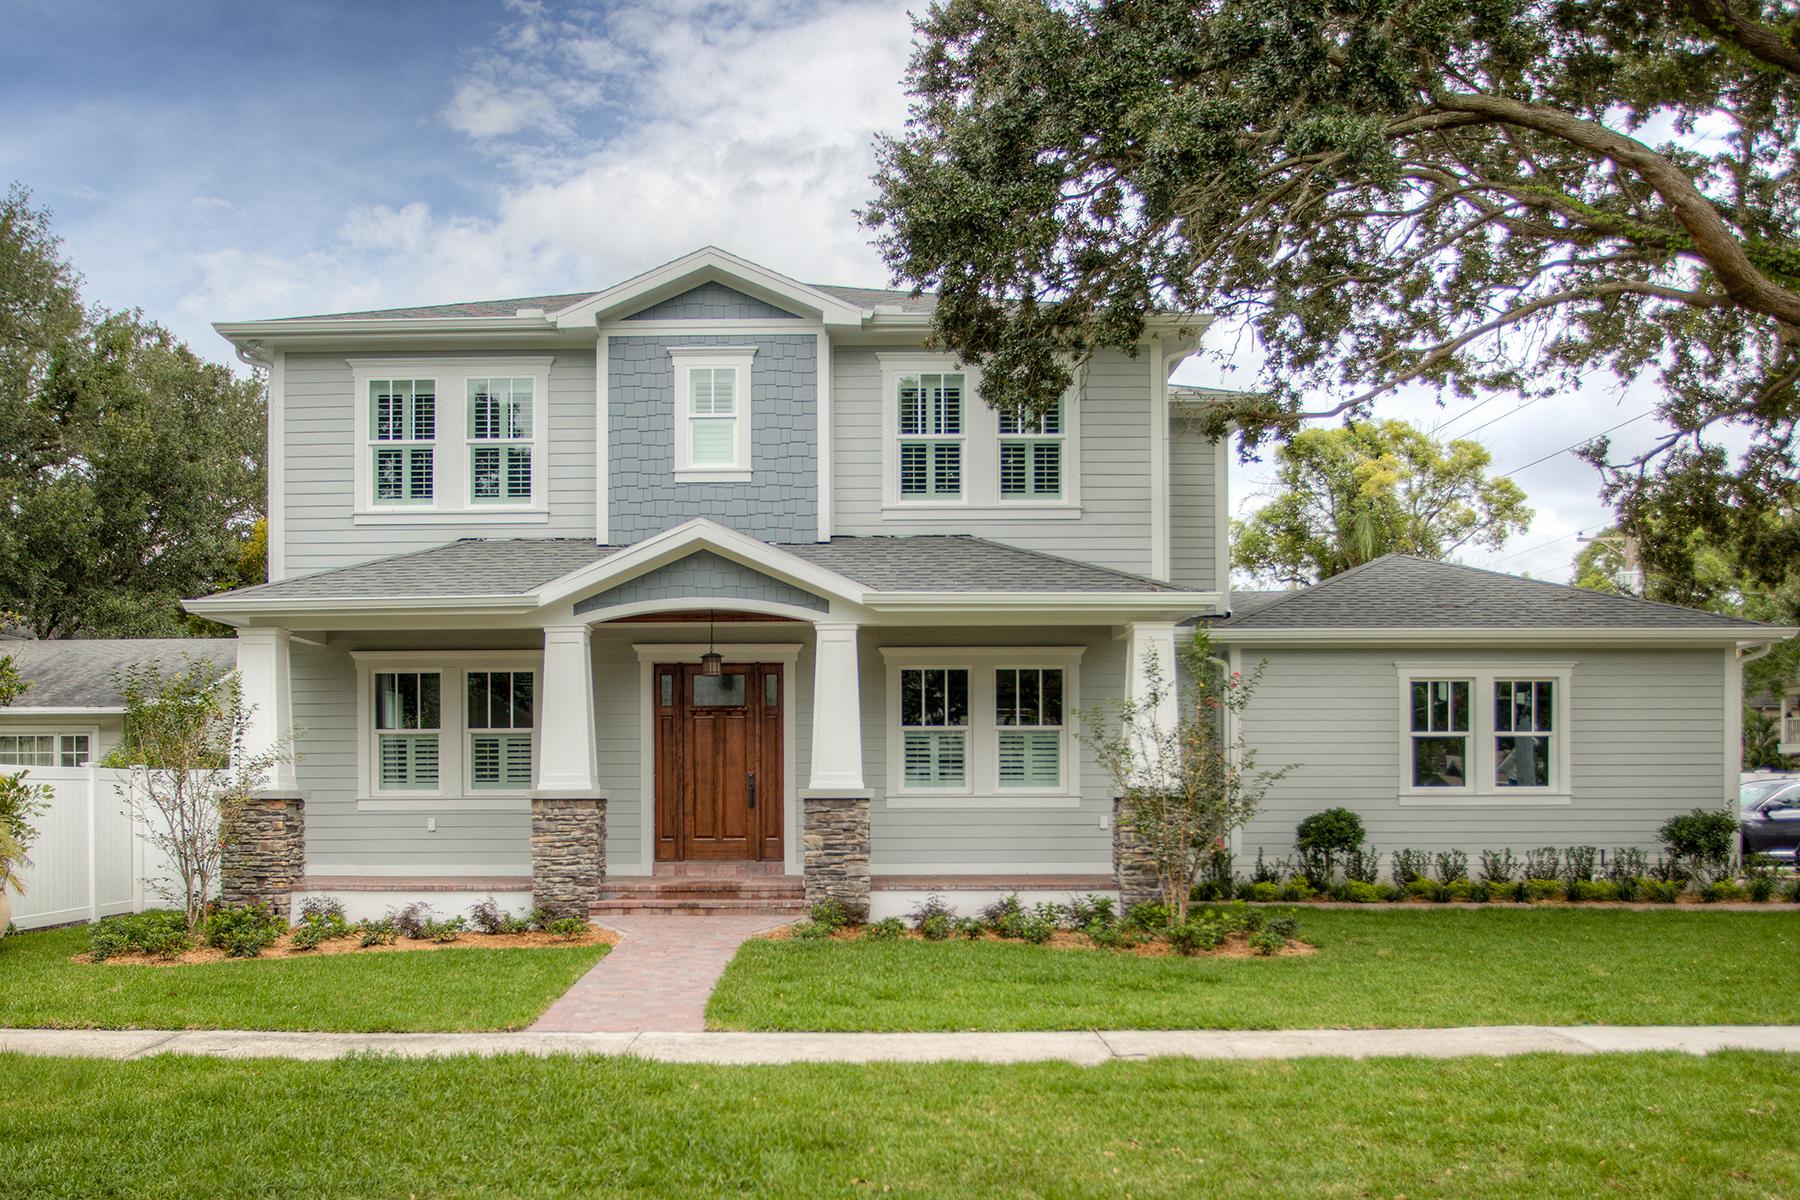 Частный односемейный дом для того Продажа на ST. PETERSBURG 398 Belleair Dr NE St. Petersburg, Флорида 33704 Соединенные Штаты